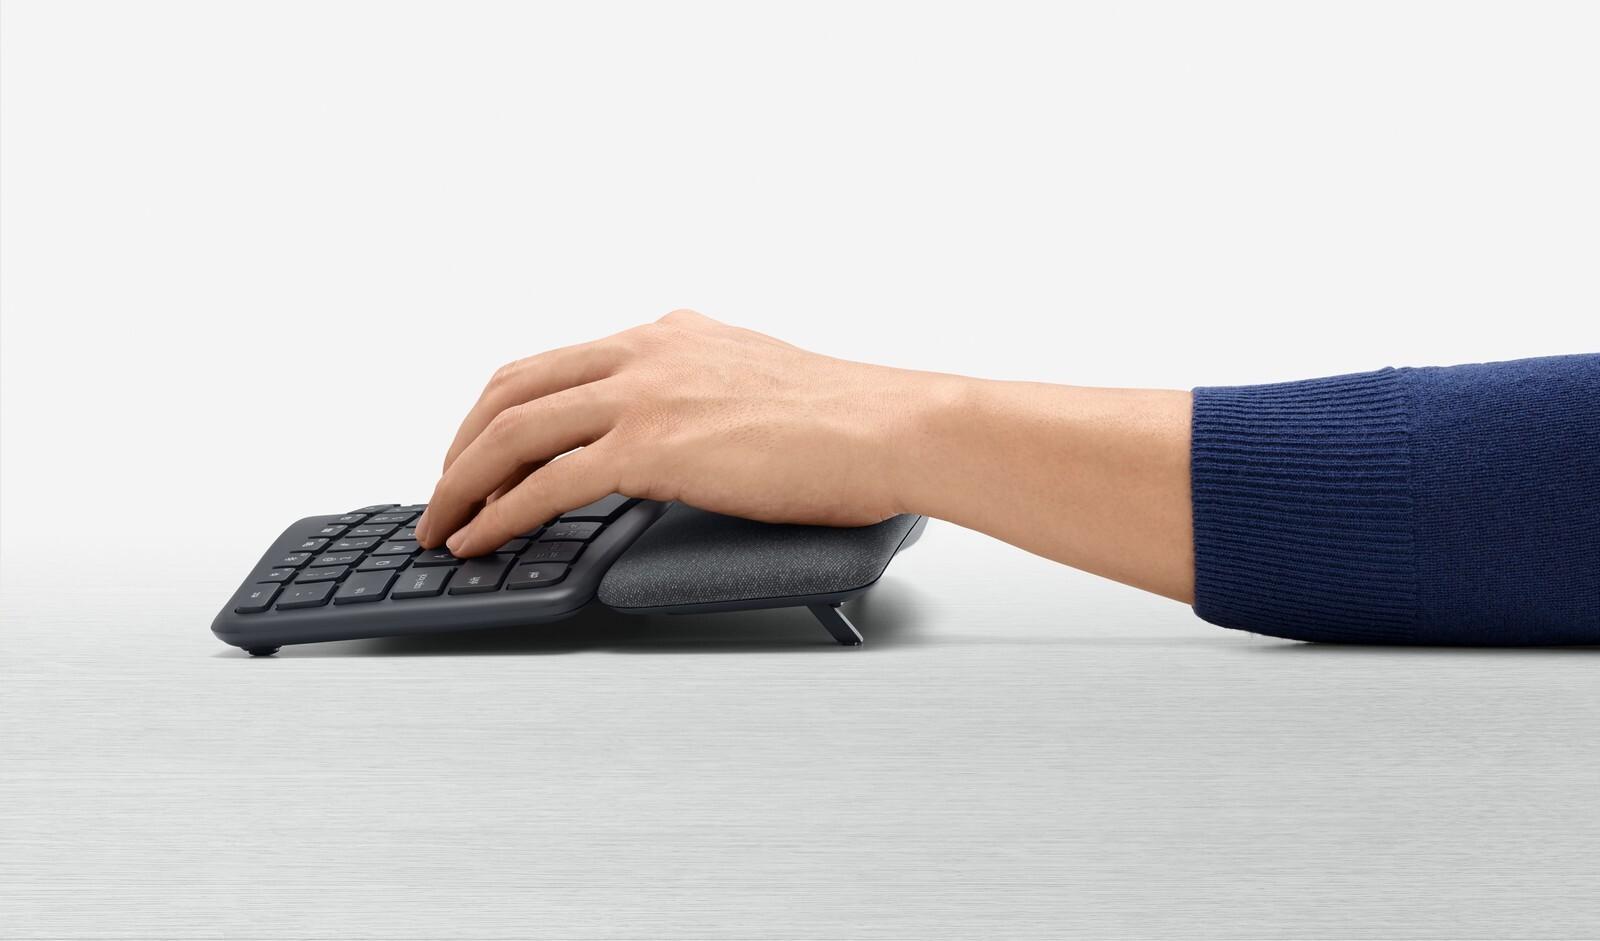 صورة Logitech تكشف عن لوحة مفاتيح K860 بتصميم مقسم لتجربة أفضل في الكتابة